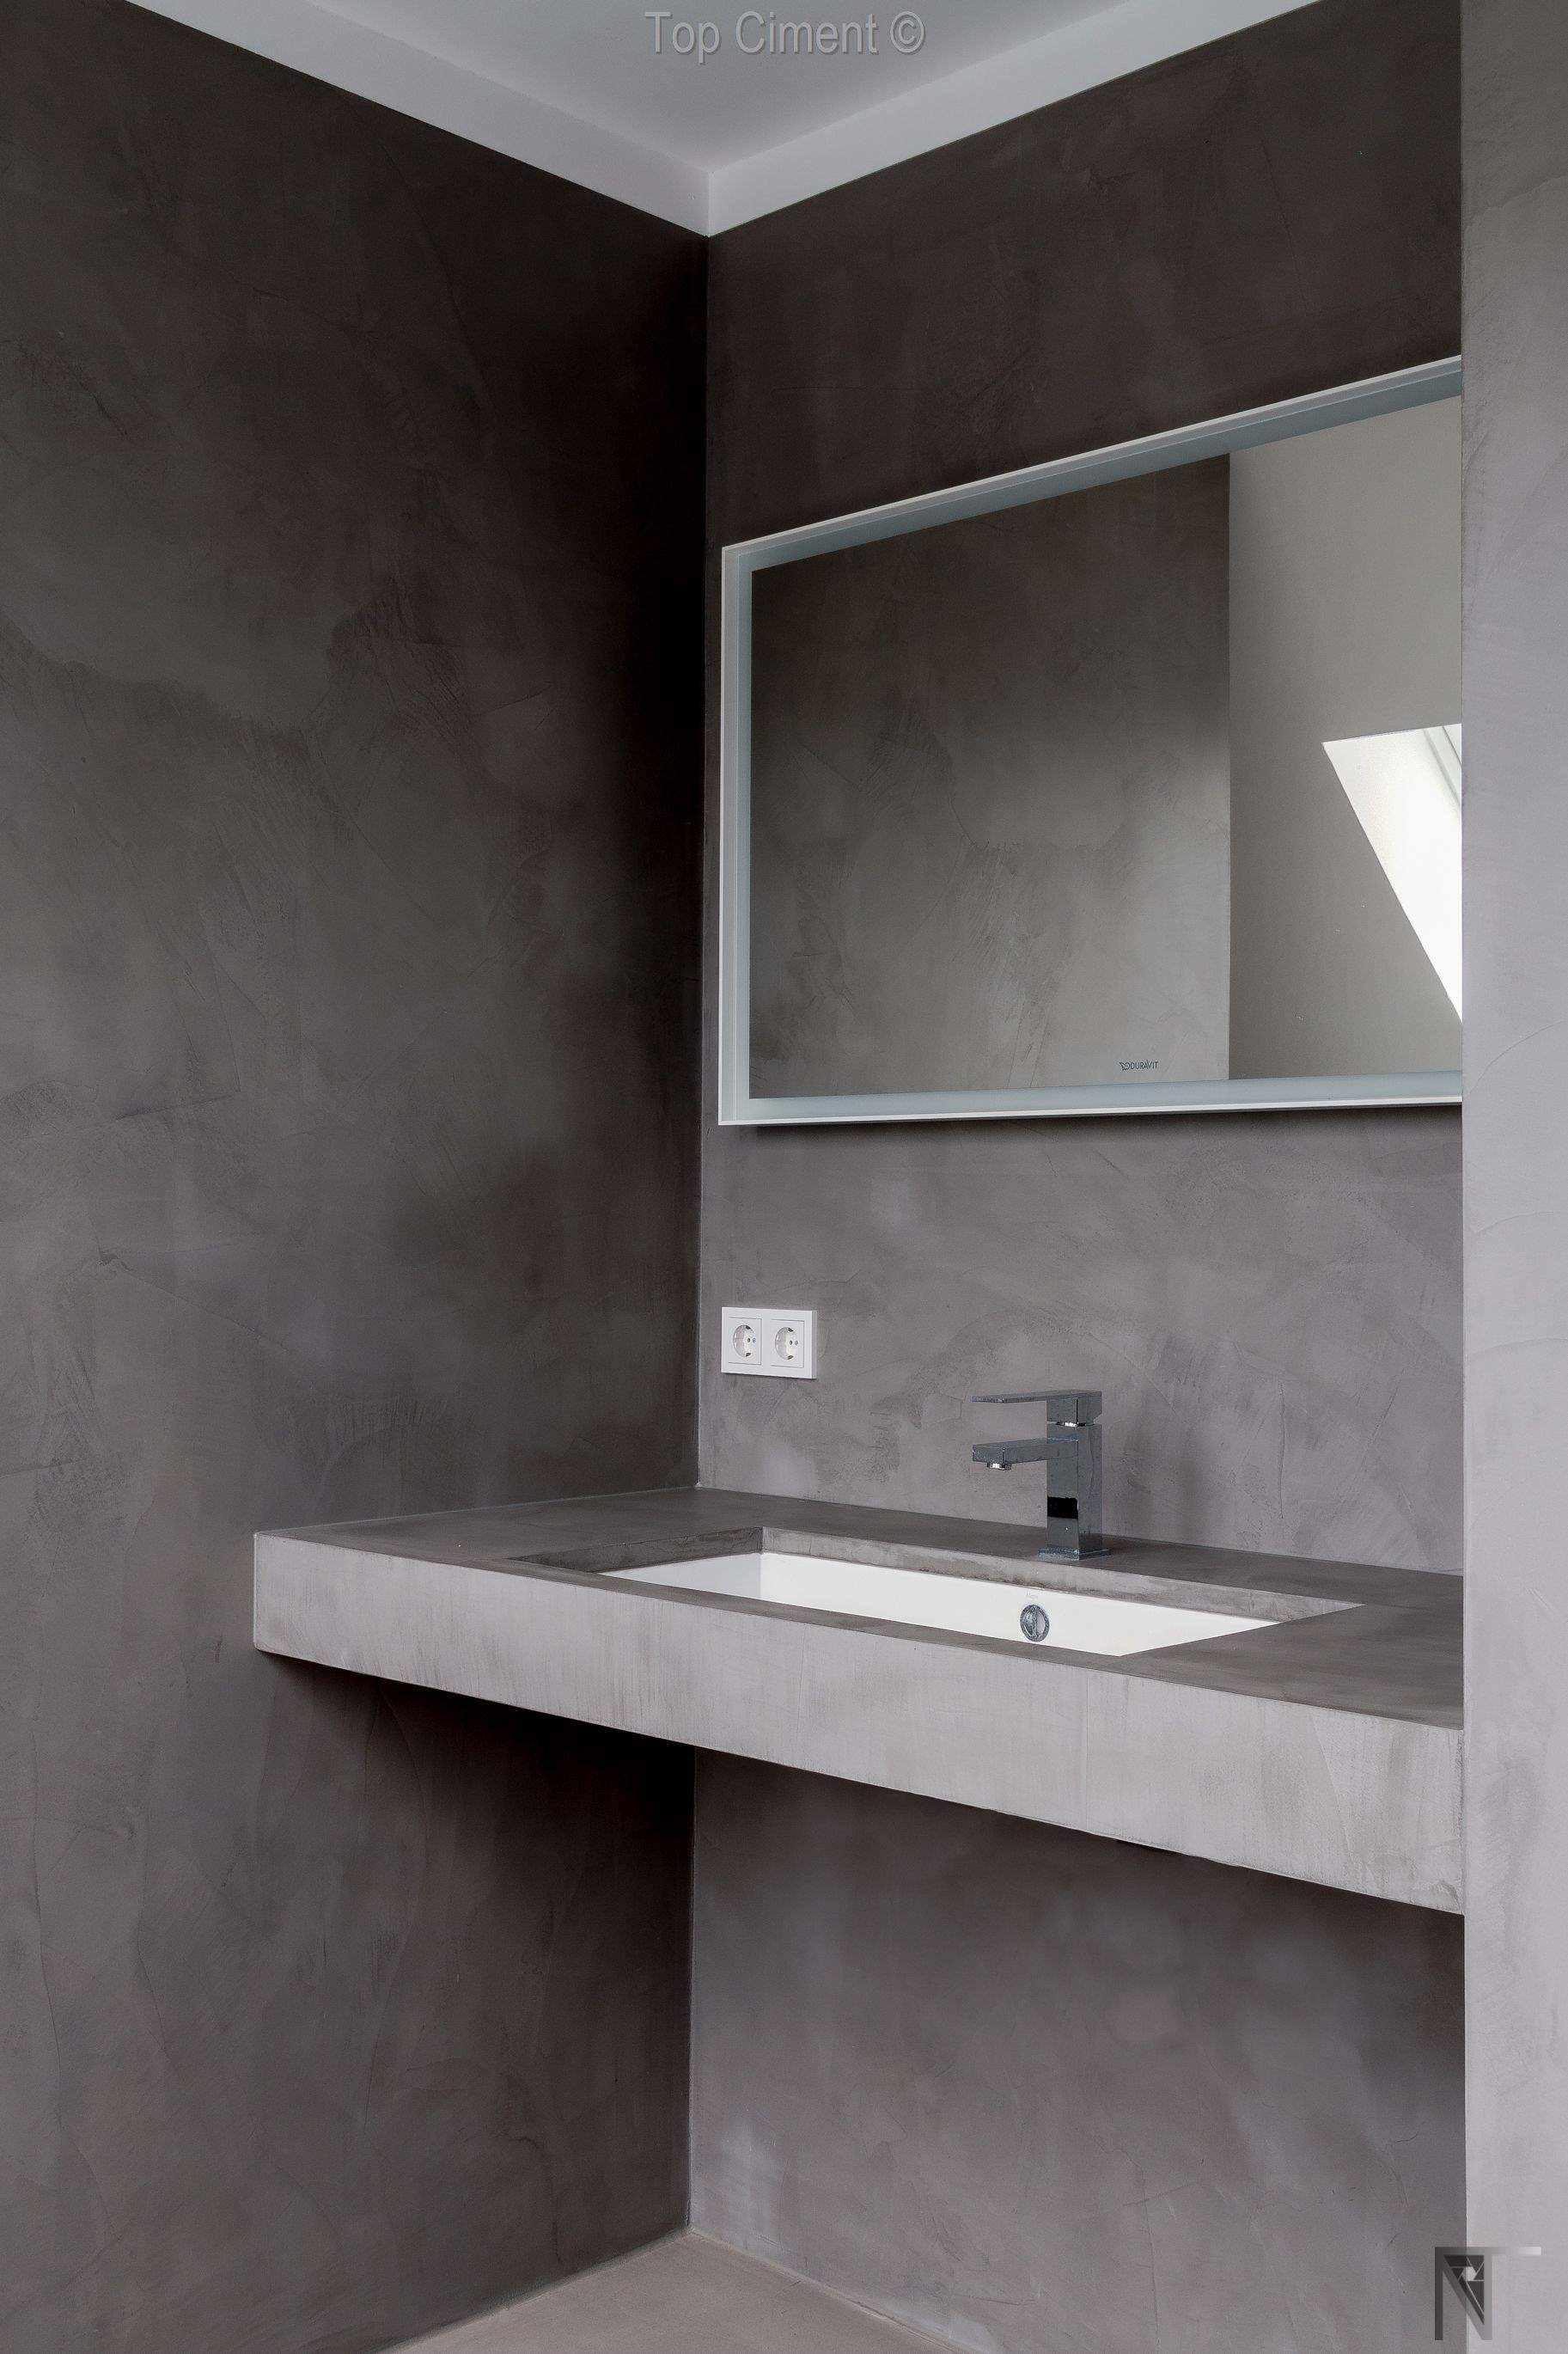 Paredes de microcemento gris en cuartos de baño